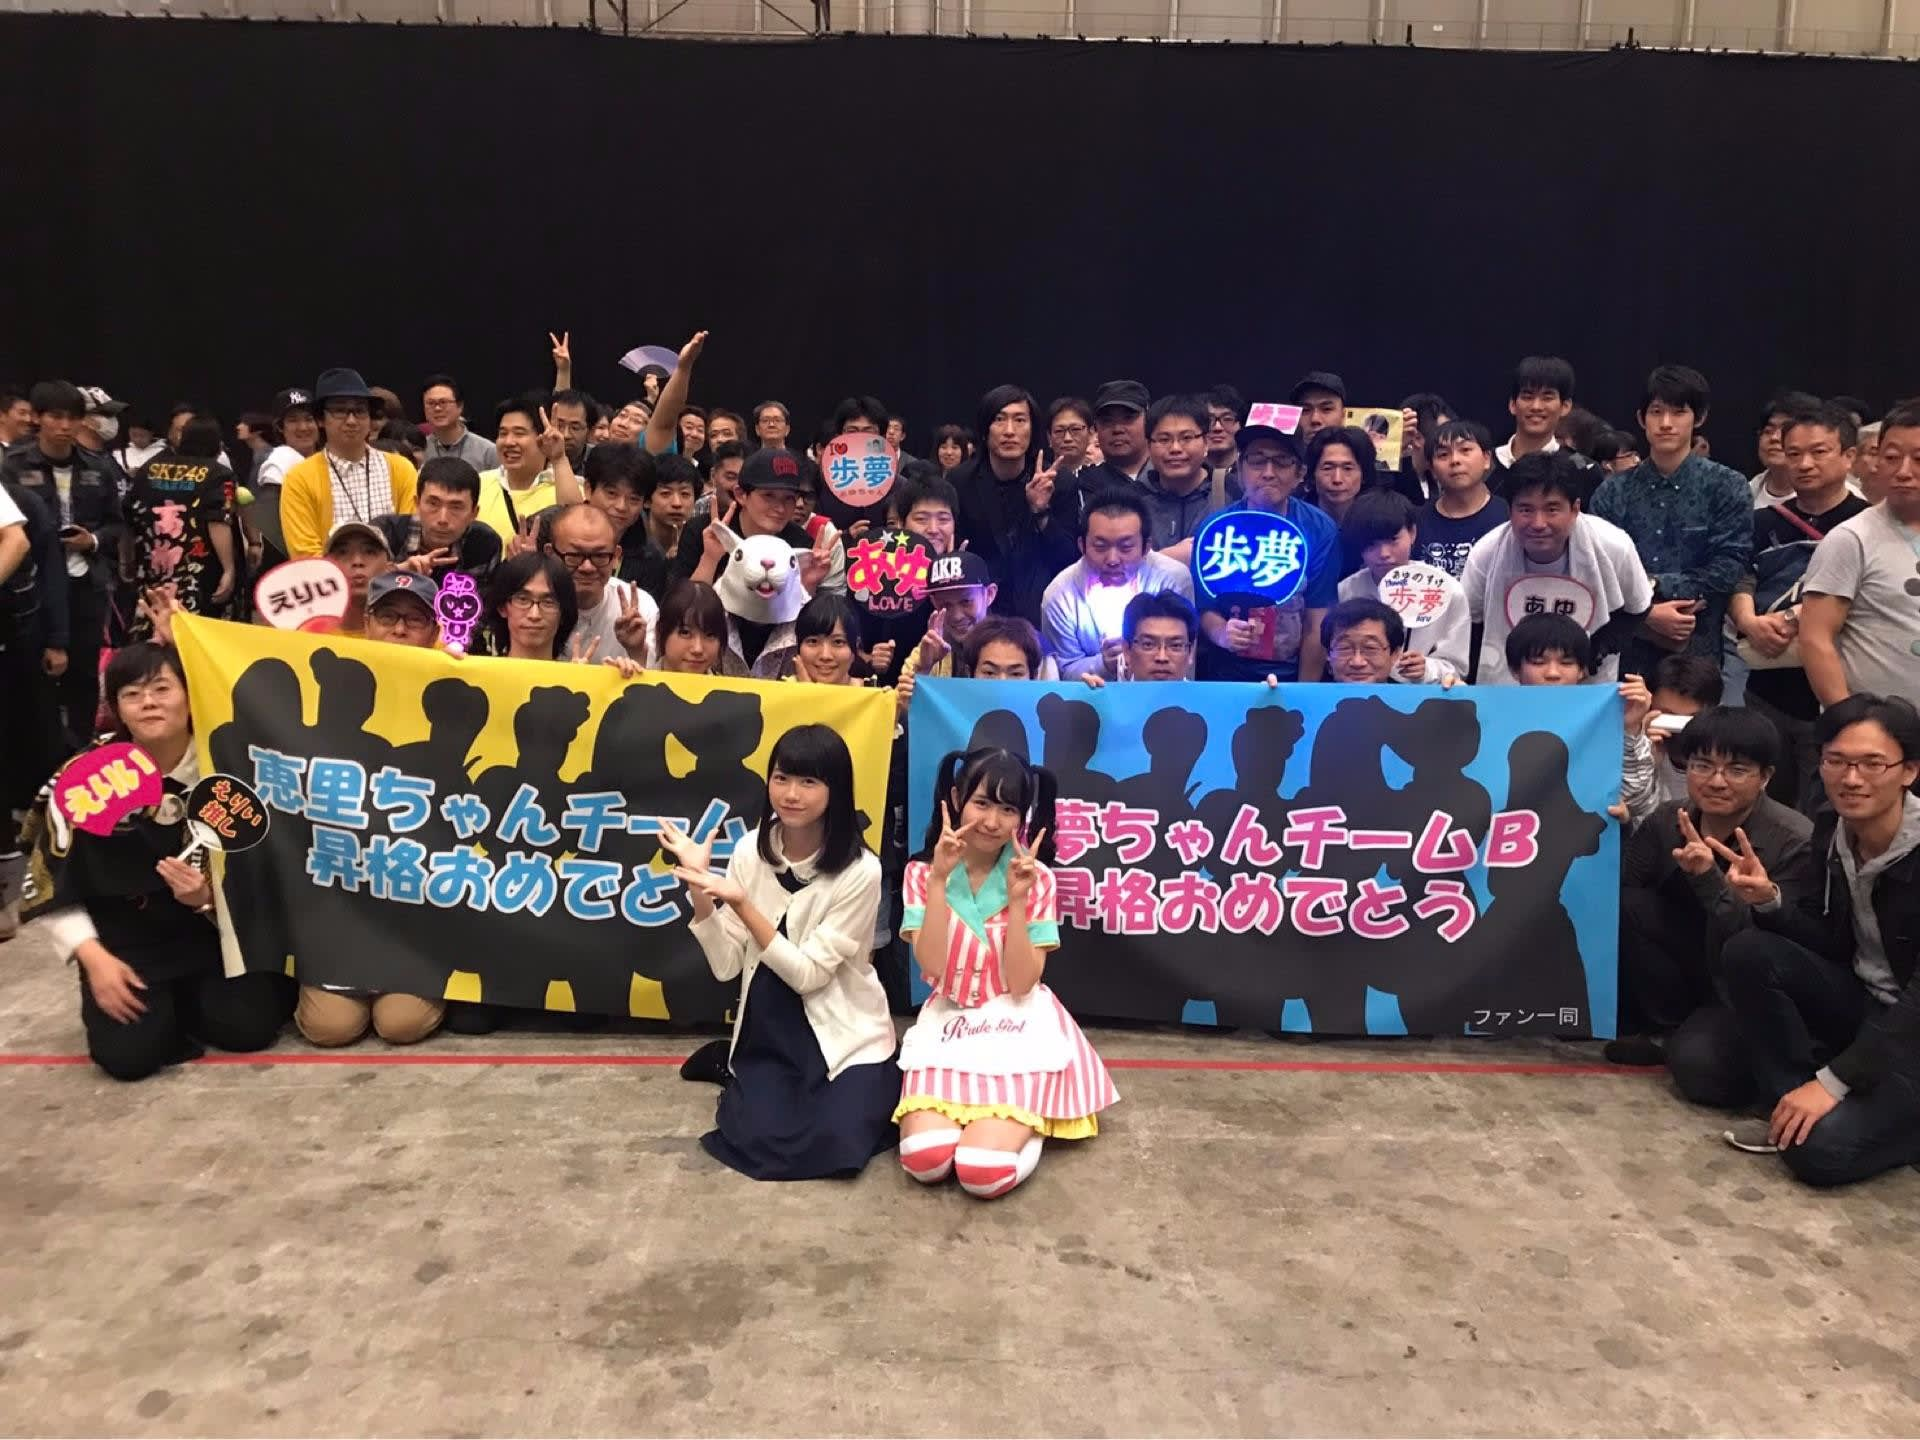 小学生のエロリ画像を集めるスレ180ワッチョイ [無断転載禁止]©bbspink.comYouTube動画>1本 ->画像>2128枚